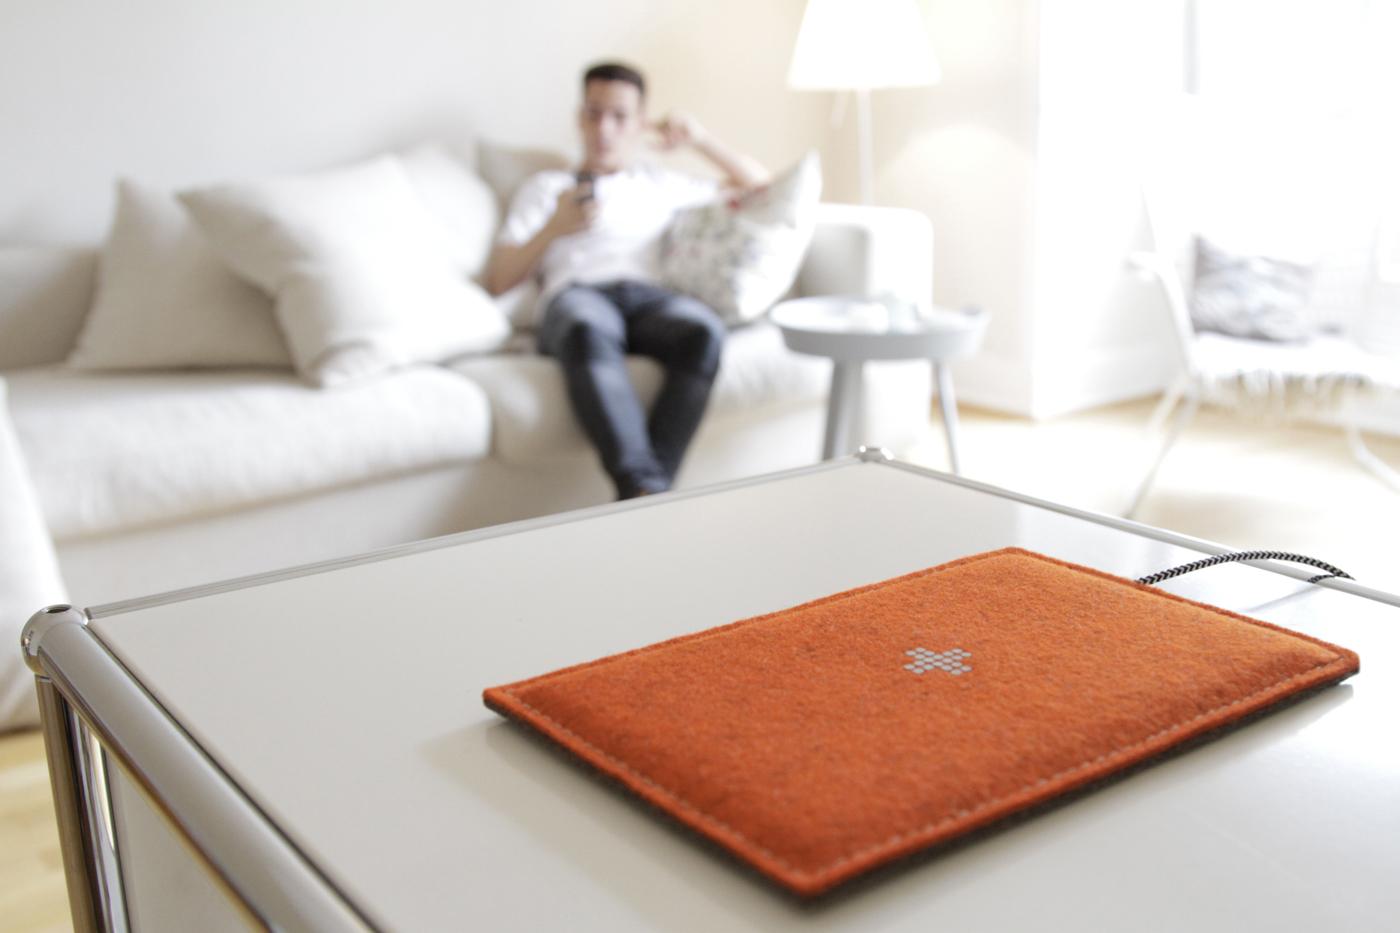 feltboard schicke qi ladestation im filz design gadget. Black Bedroom Furniture Sets. Home Design Ideas